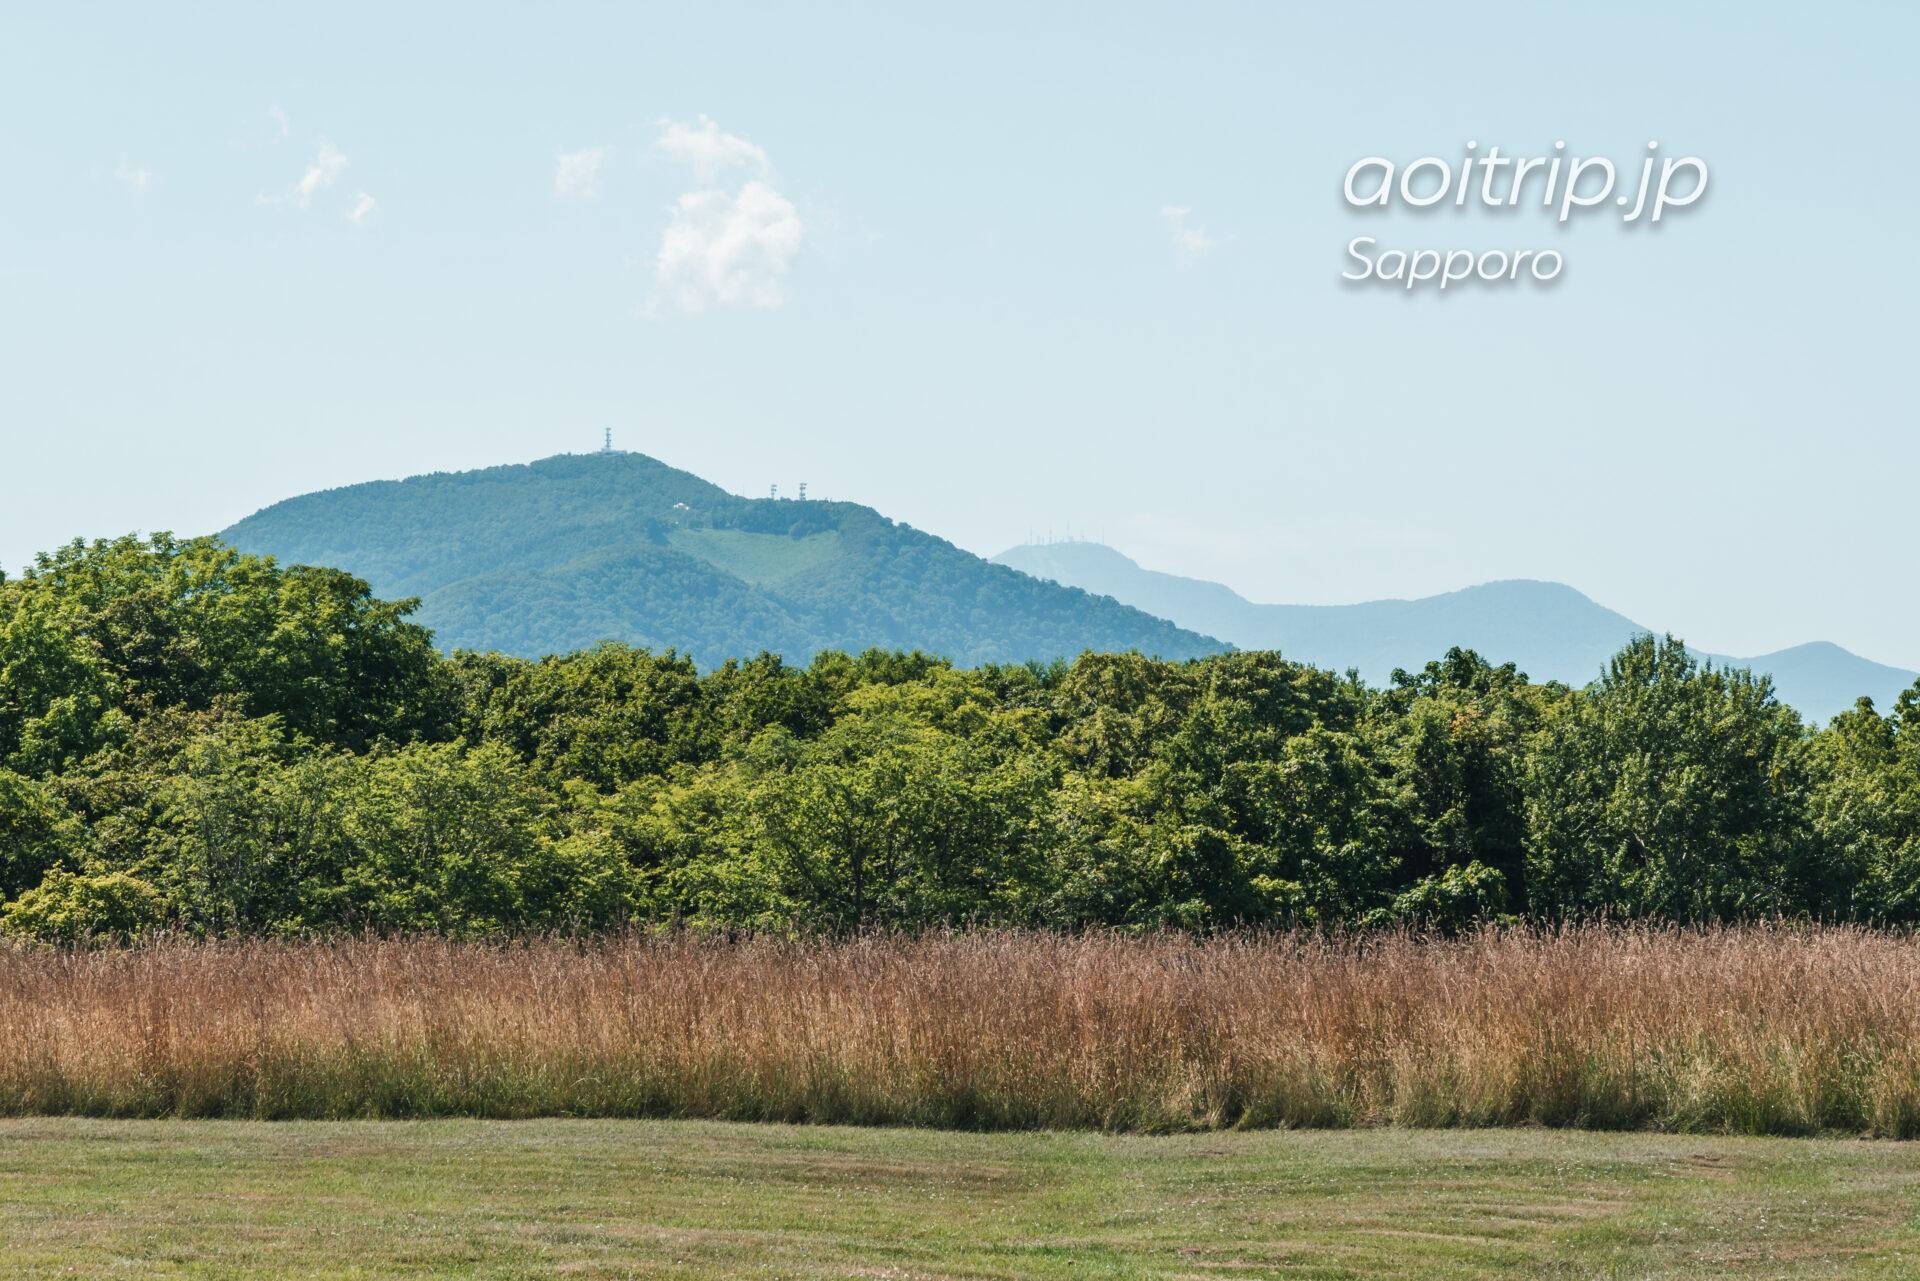 さっぽろ羊ヶ丘展望台から藻岩山・手稲山を望む